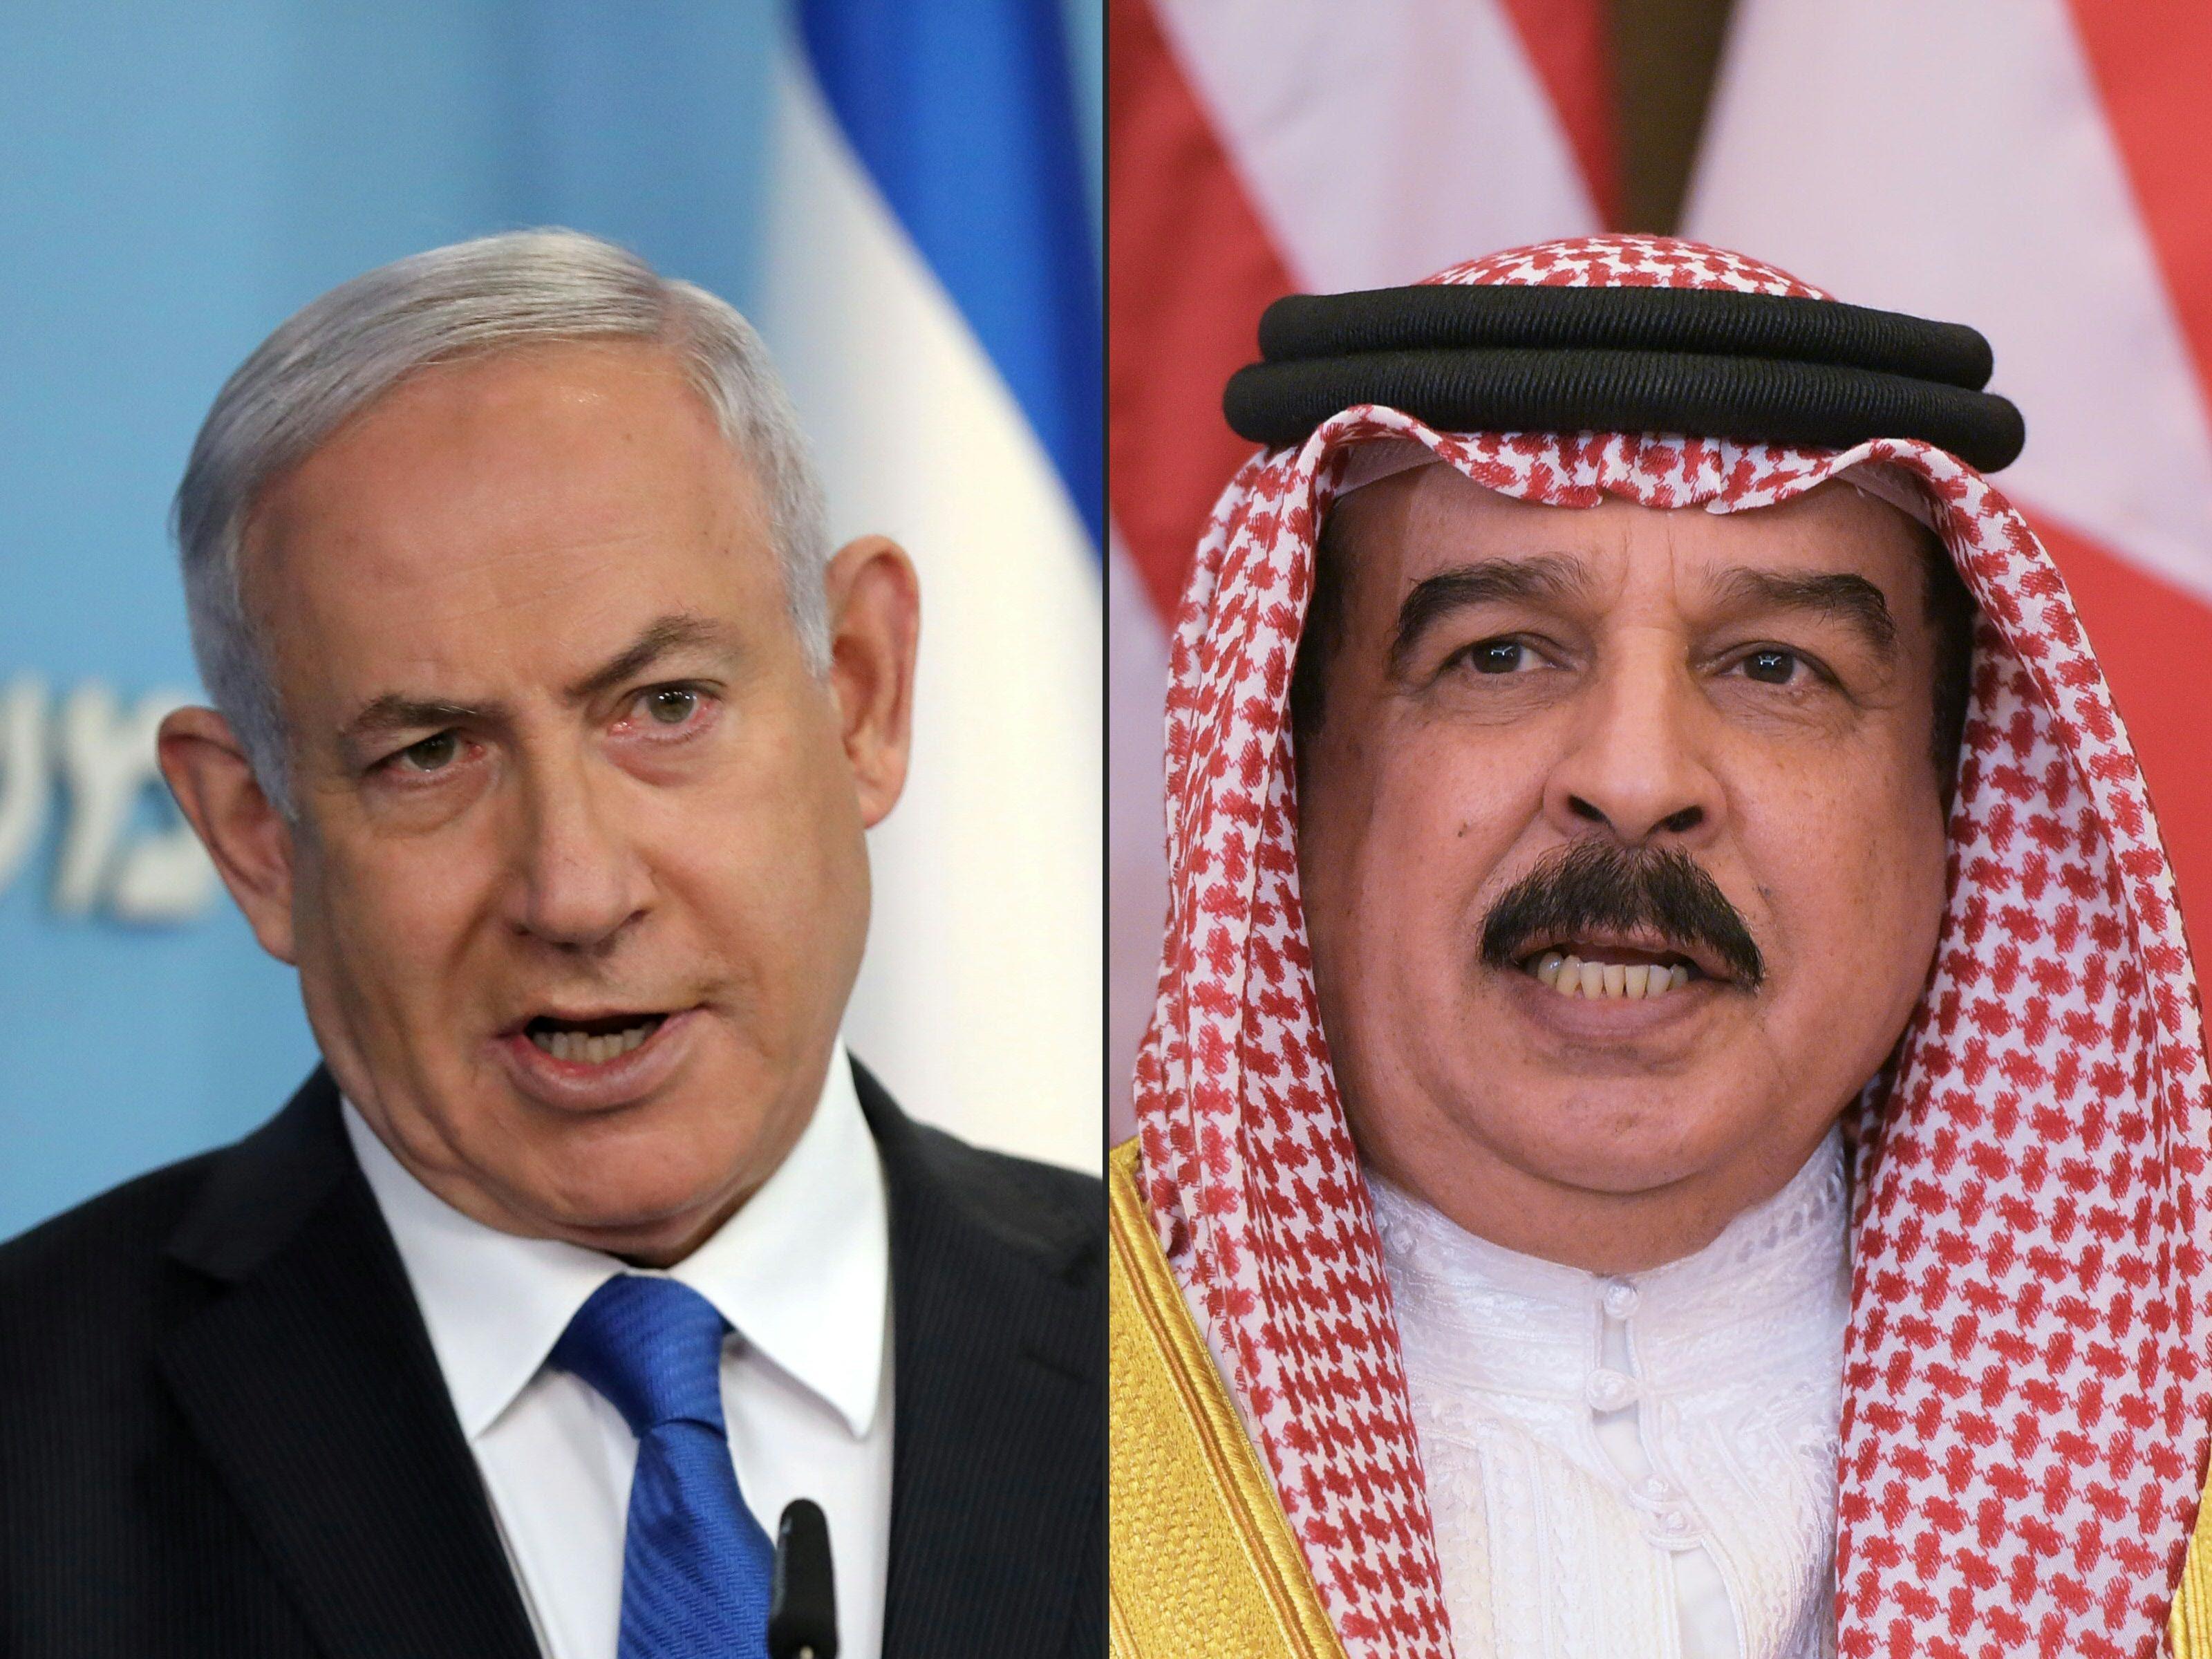 阿曼歡迎以色列巴林建交 以巴將啟直航服務